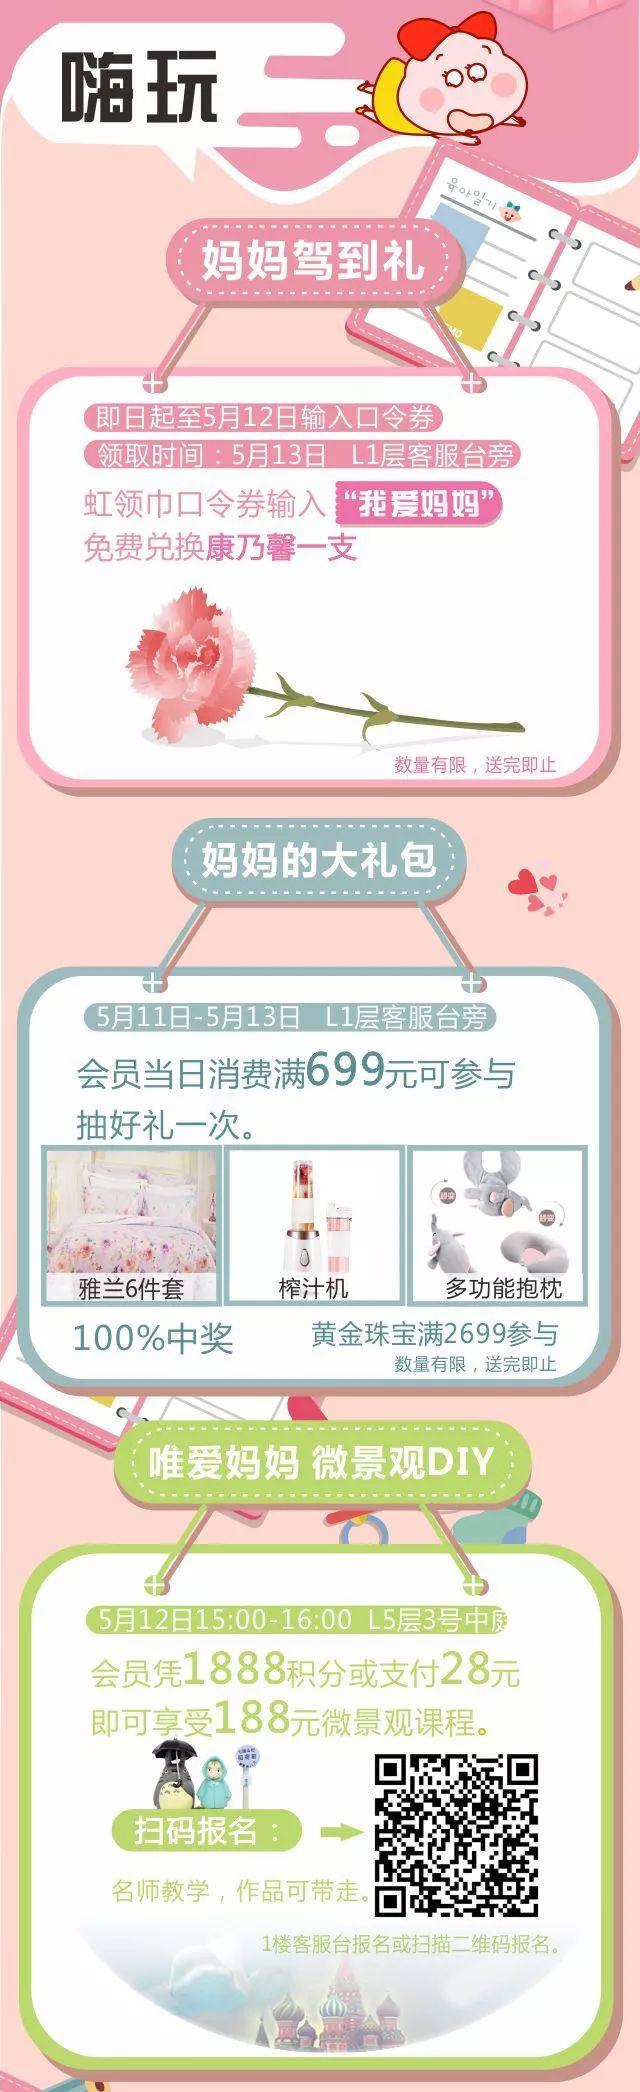 新沙天虹购物中心母亲节优惠活动合集